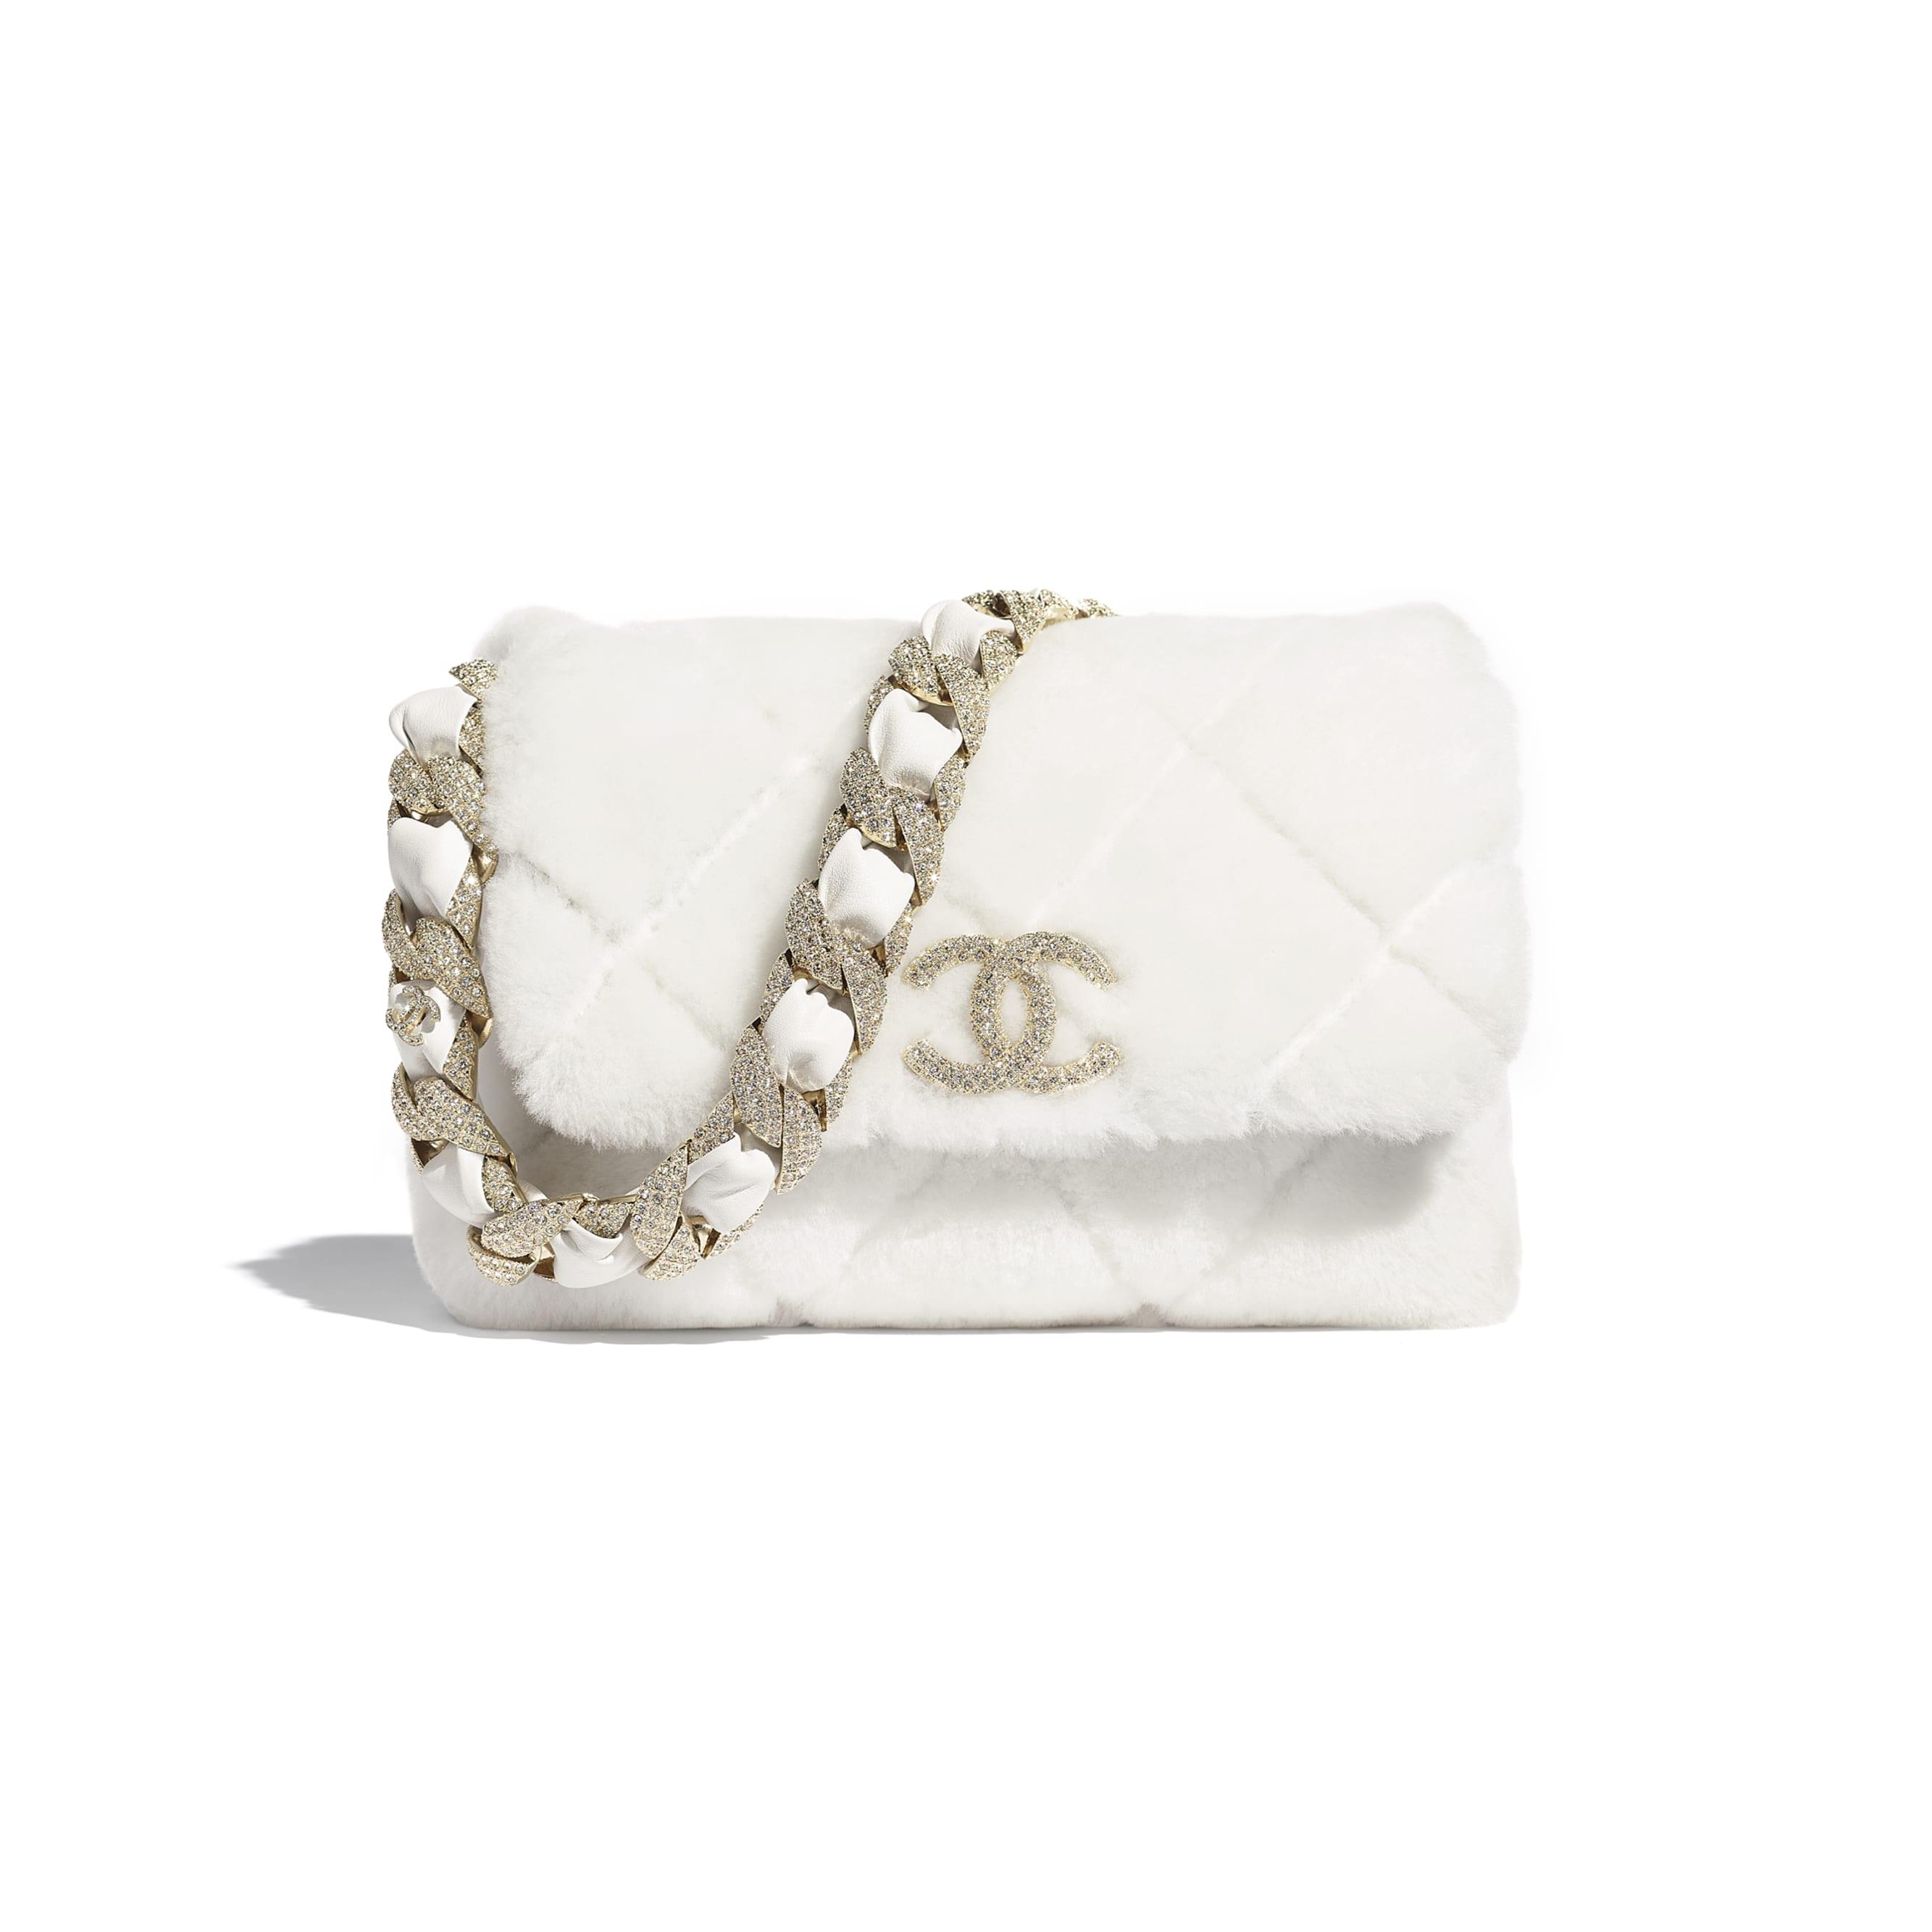 垂蓋手袋 - 白色 - 雙面剪羊毛、水晶及金色金屬 - CHANEL - 預設視圖 - 查看標準尺寸版本